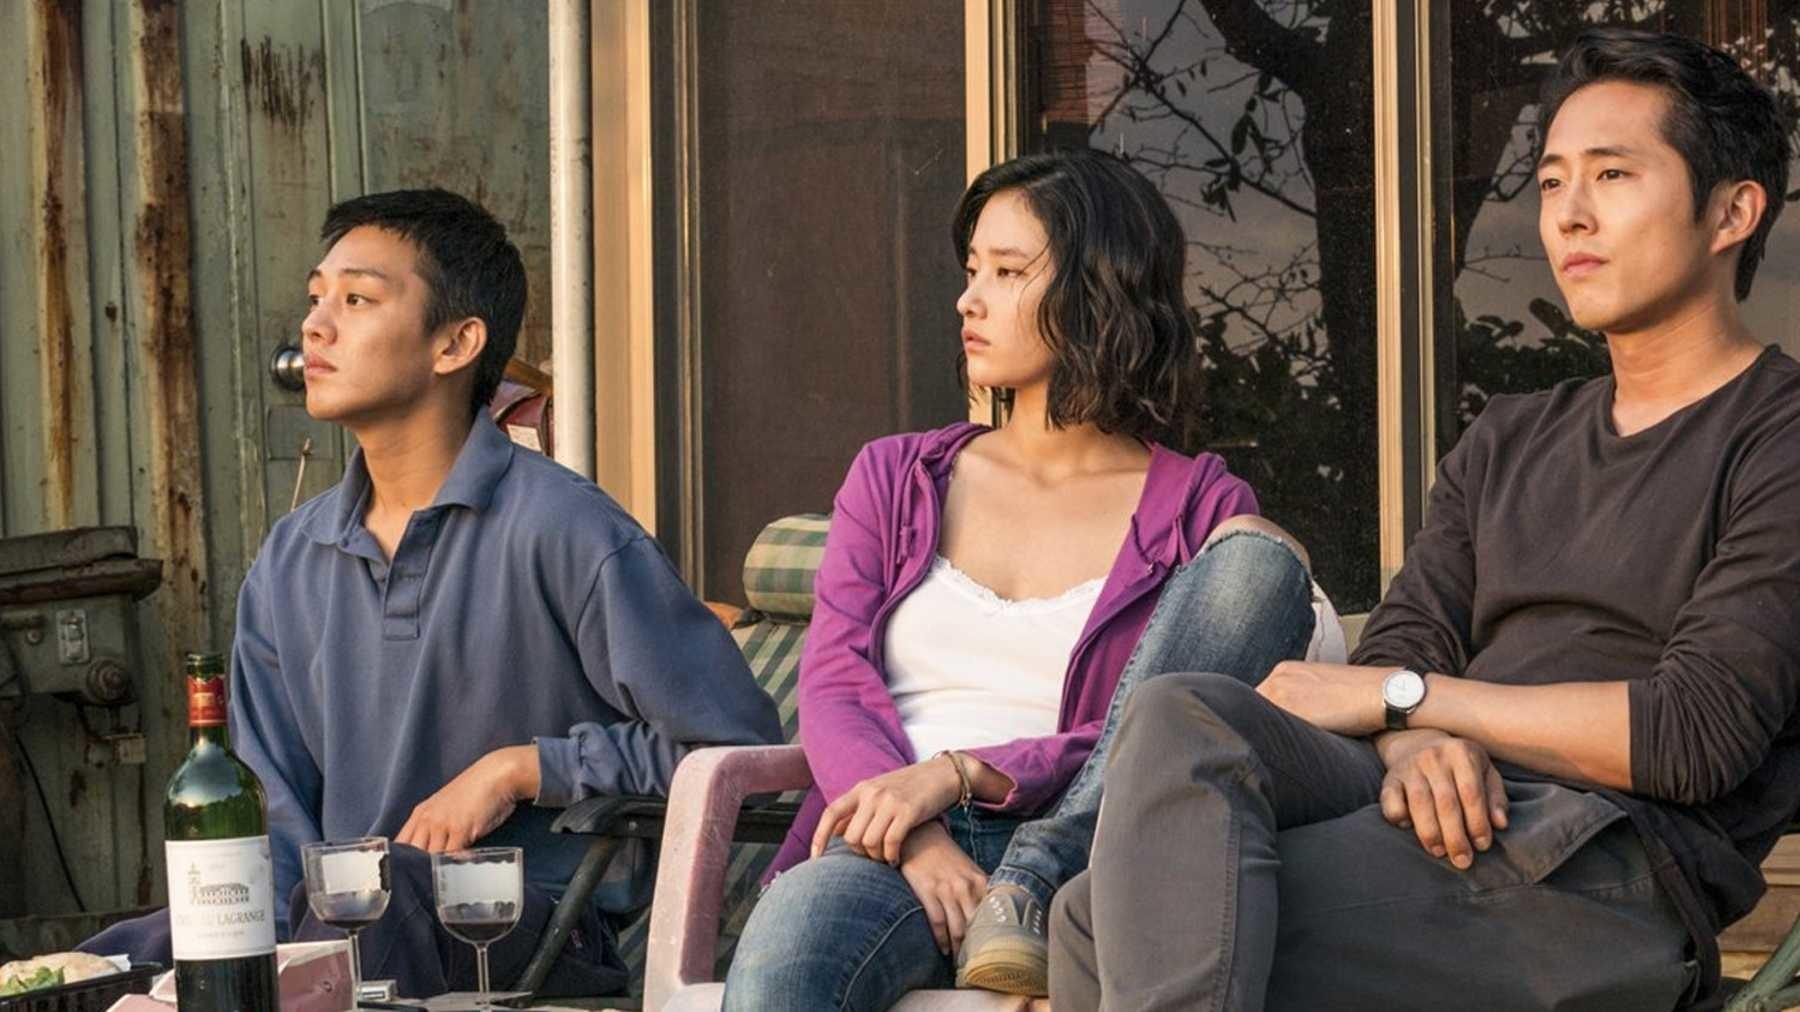 Dos hombres y una mujer sentados mirando el sol tomando vino